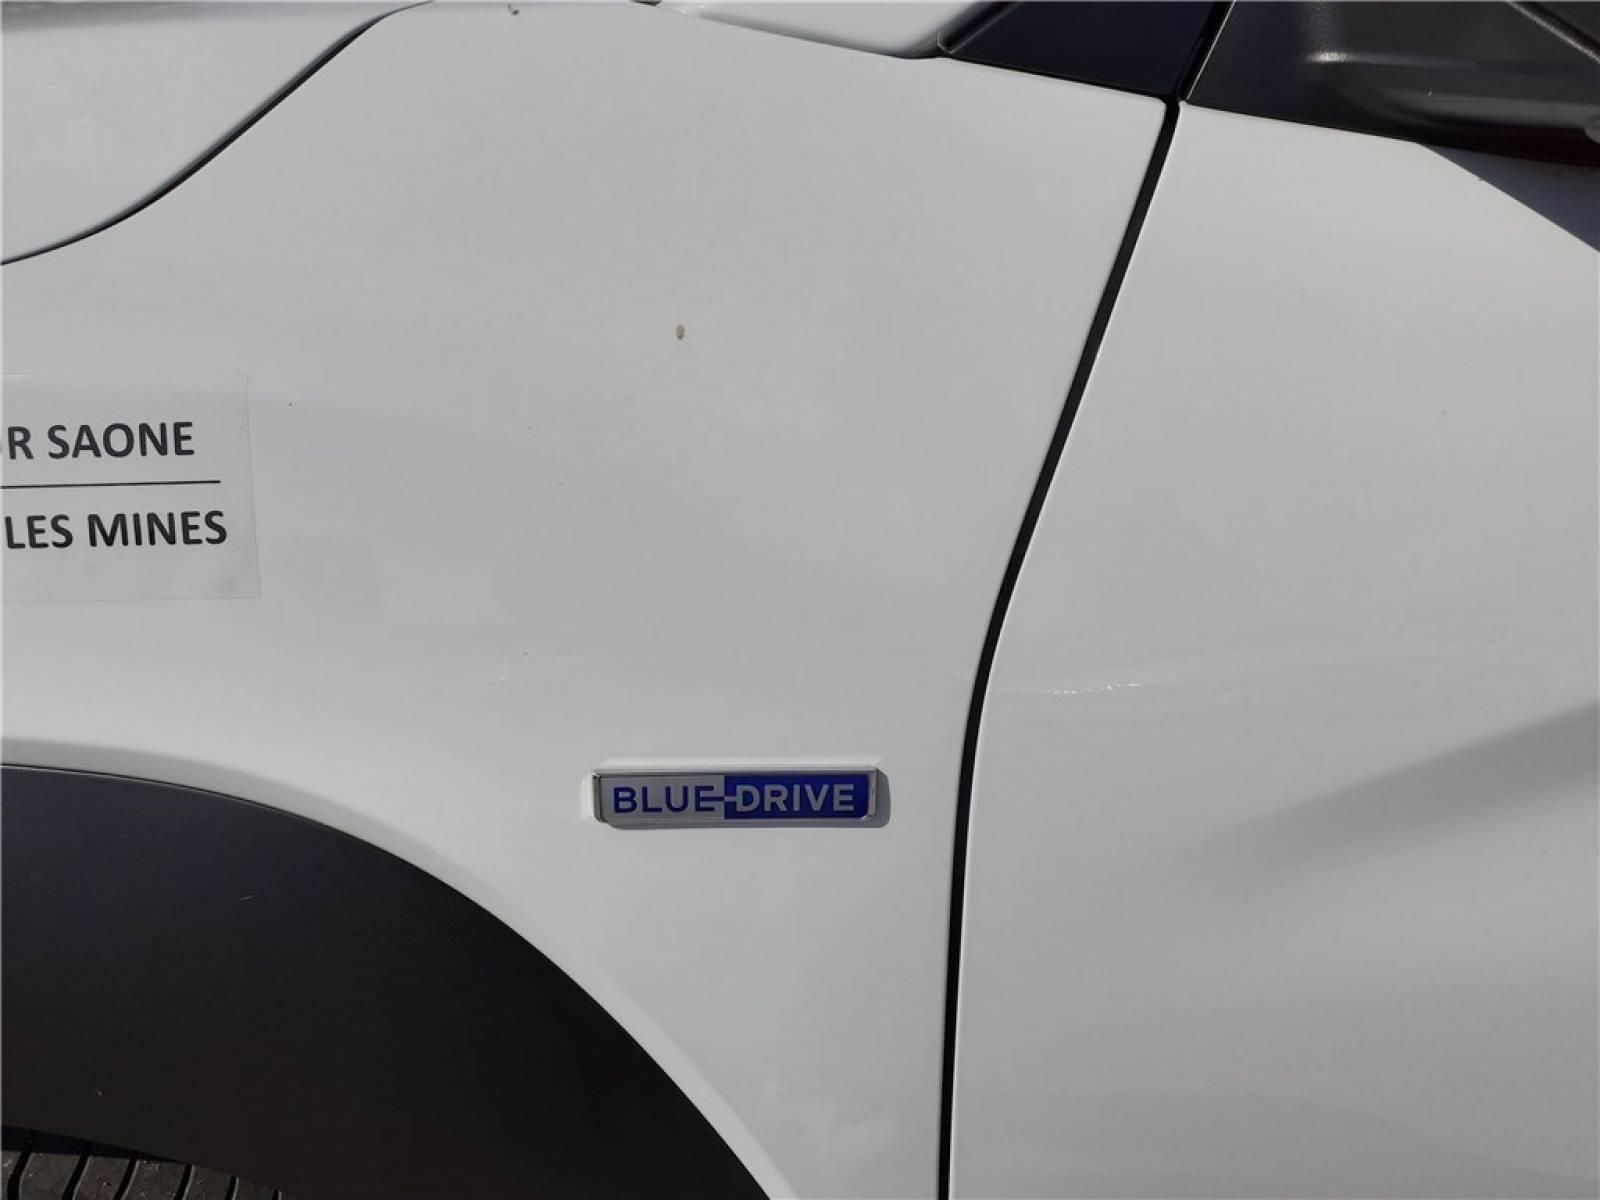 HYUNDAI Kona Electrique 39 kWh - 136 ch - véhicule d'occasion - Groupe Guillet - Chalon Automobiles - 71100 - Chalon-sur-Saône - 15